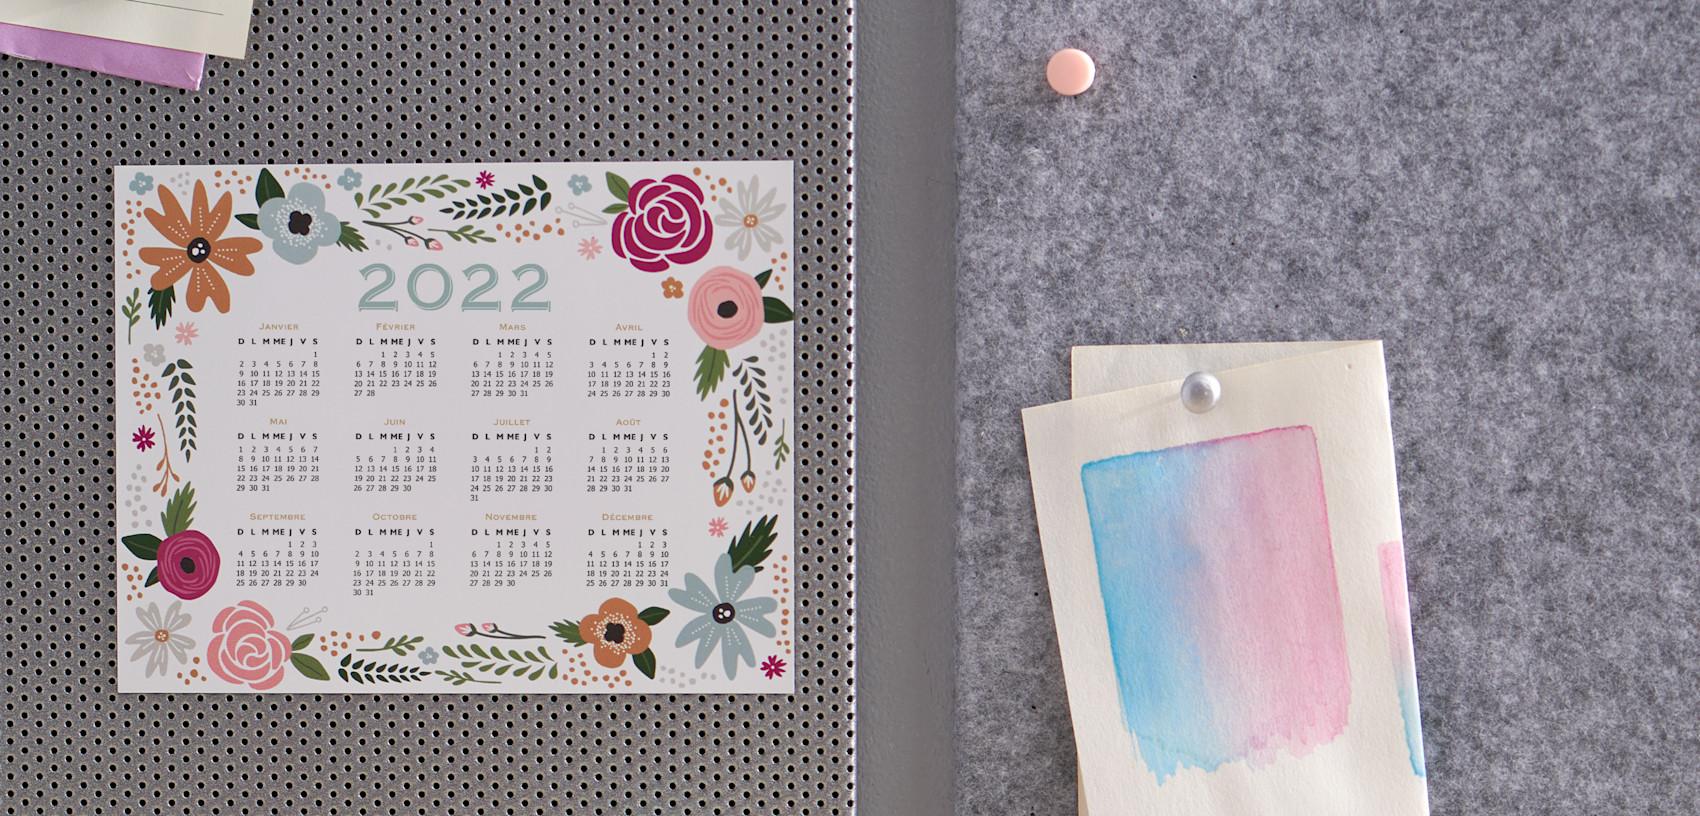 calendrier magnétique motif floral